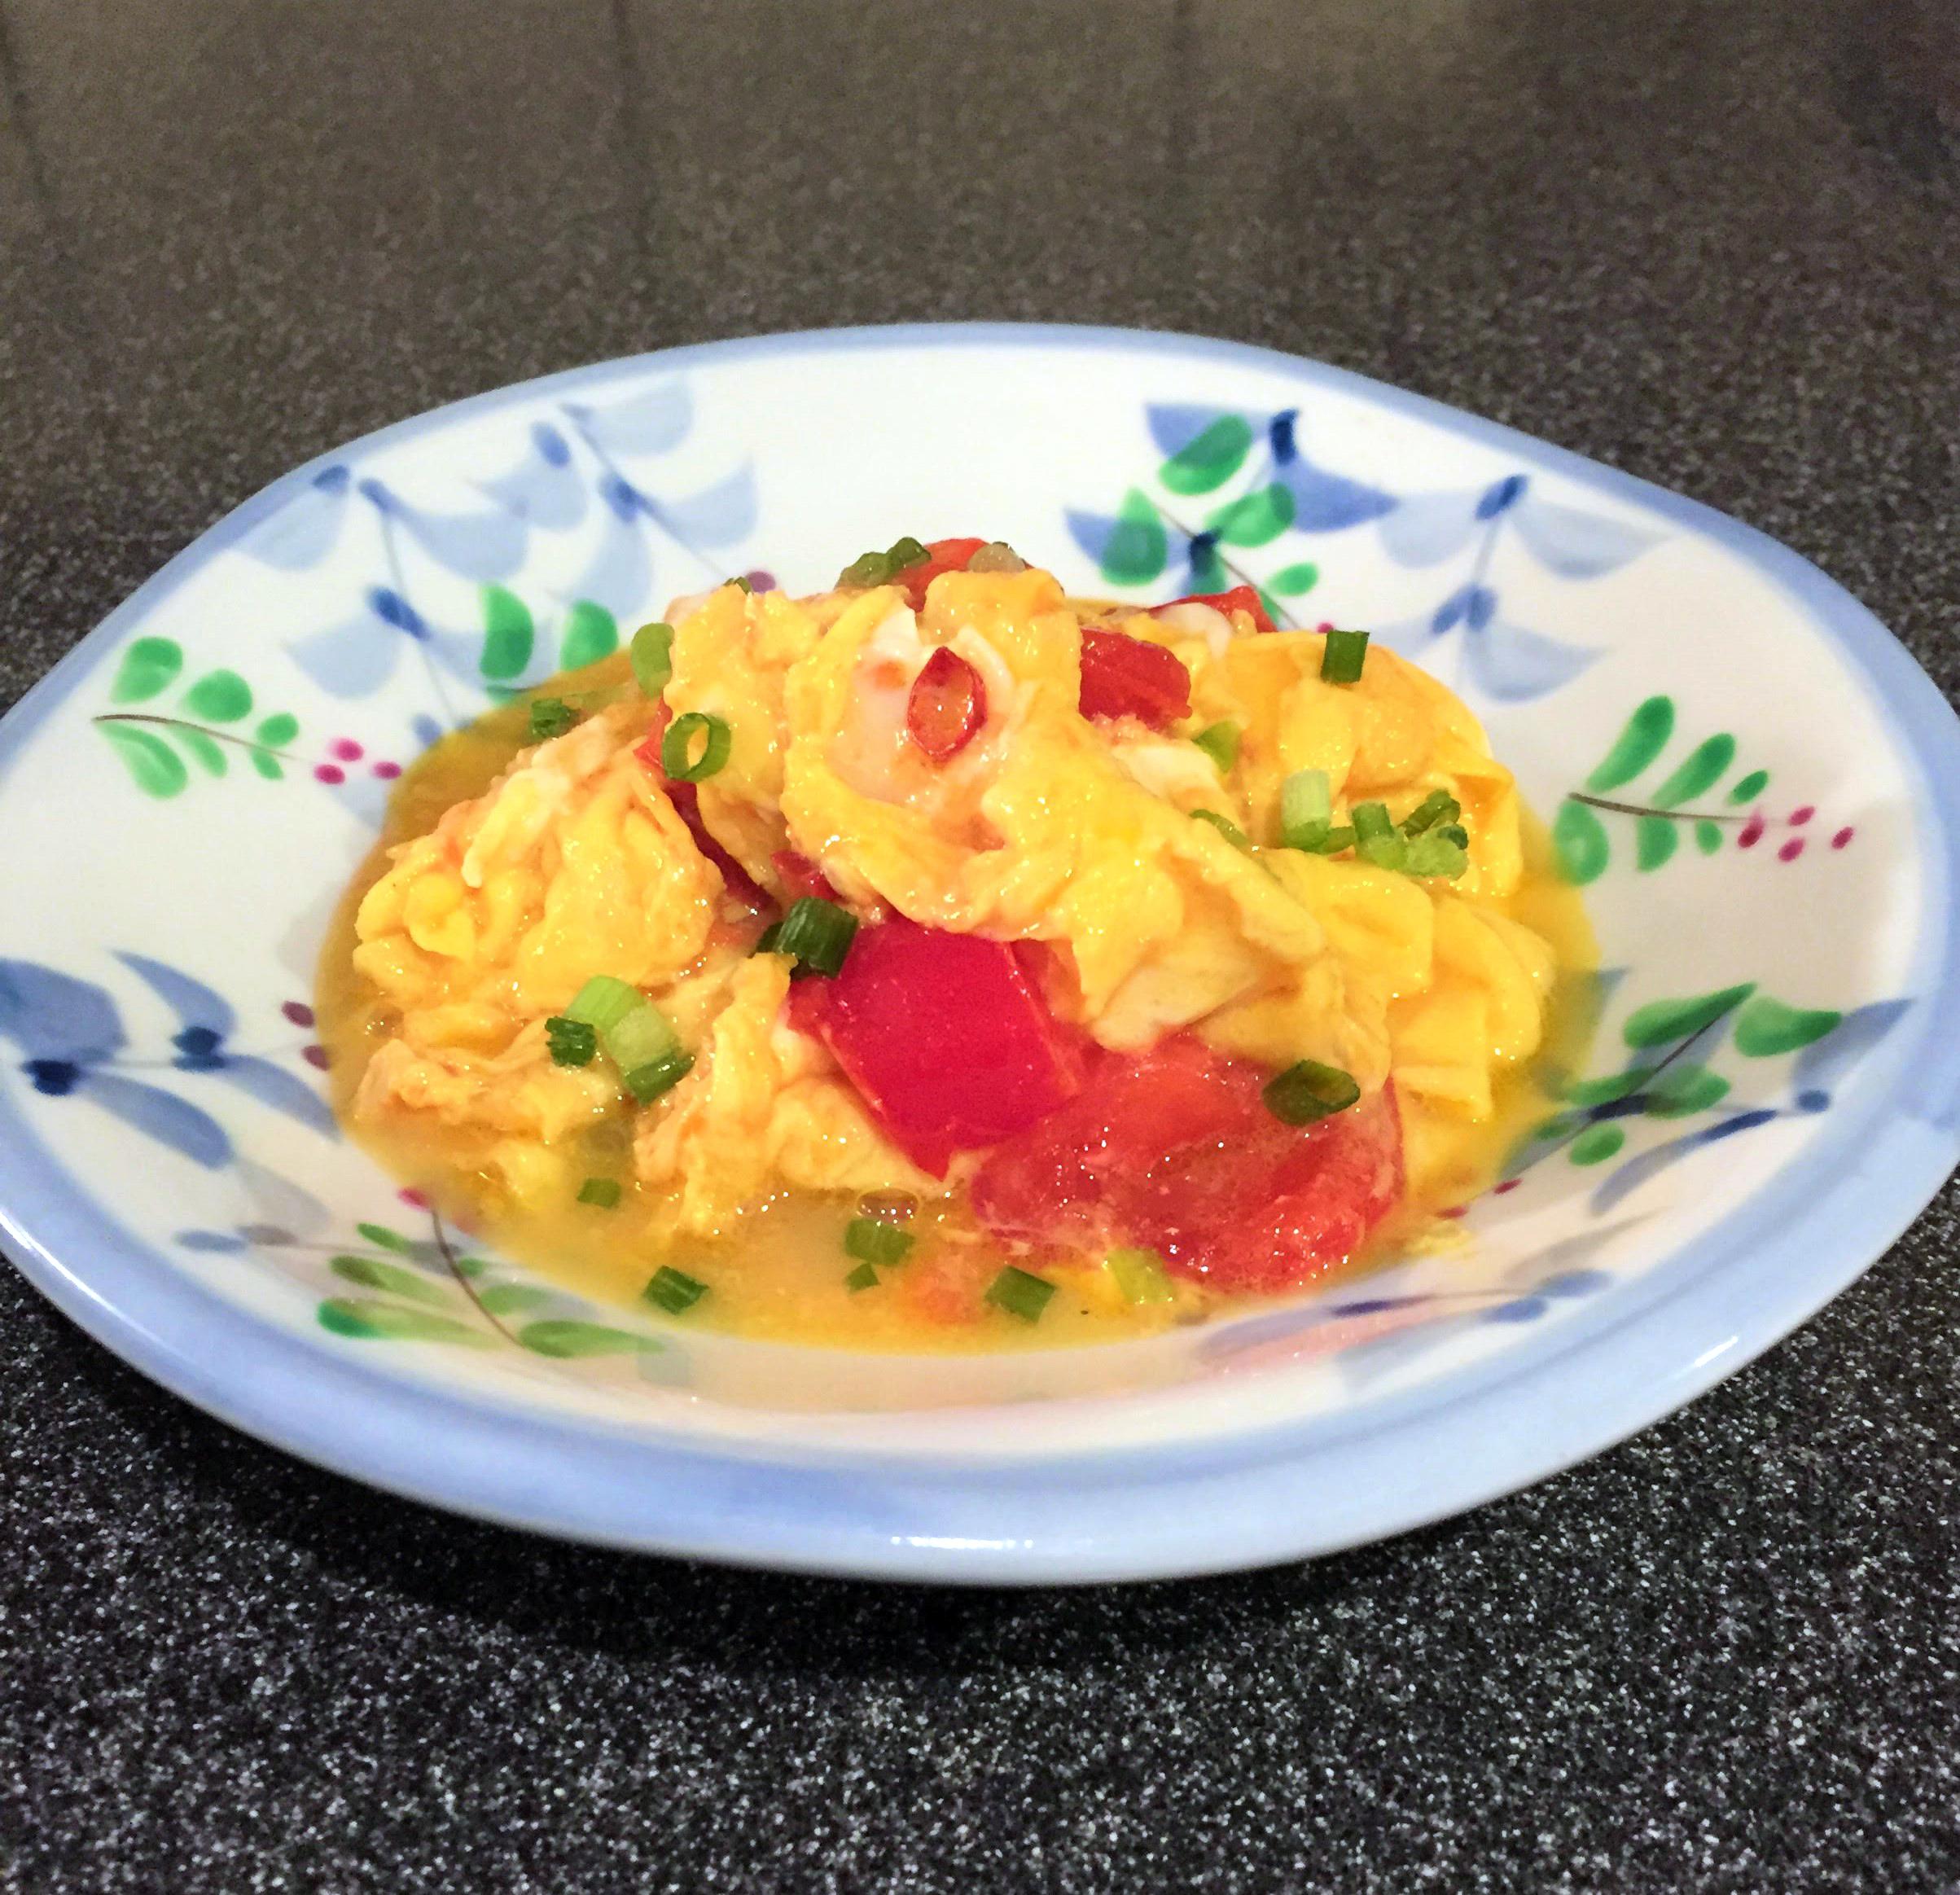 ガーリックオリーブオイルふわとろ卵